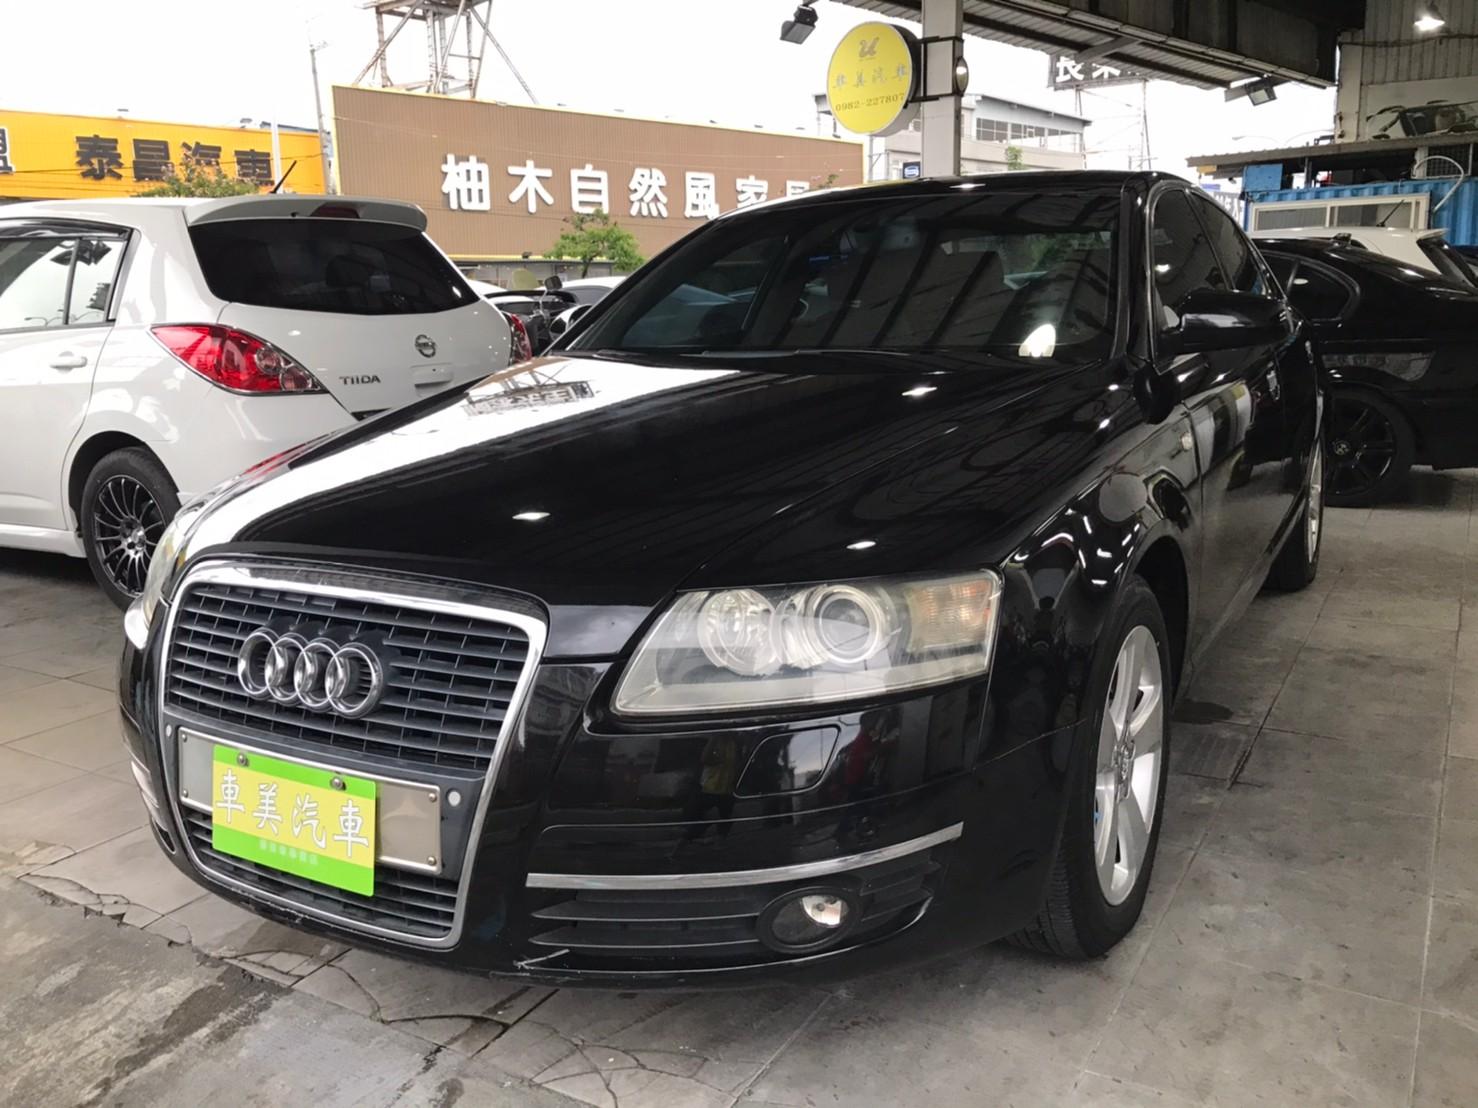 2005 Audi 奧迪 A6 sedan